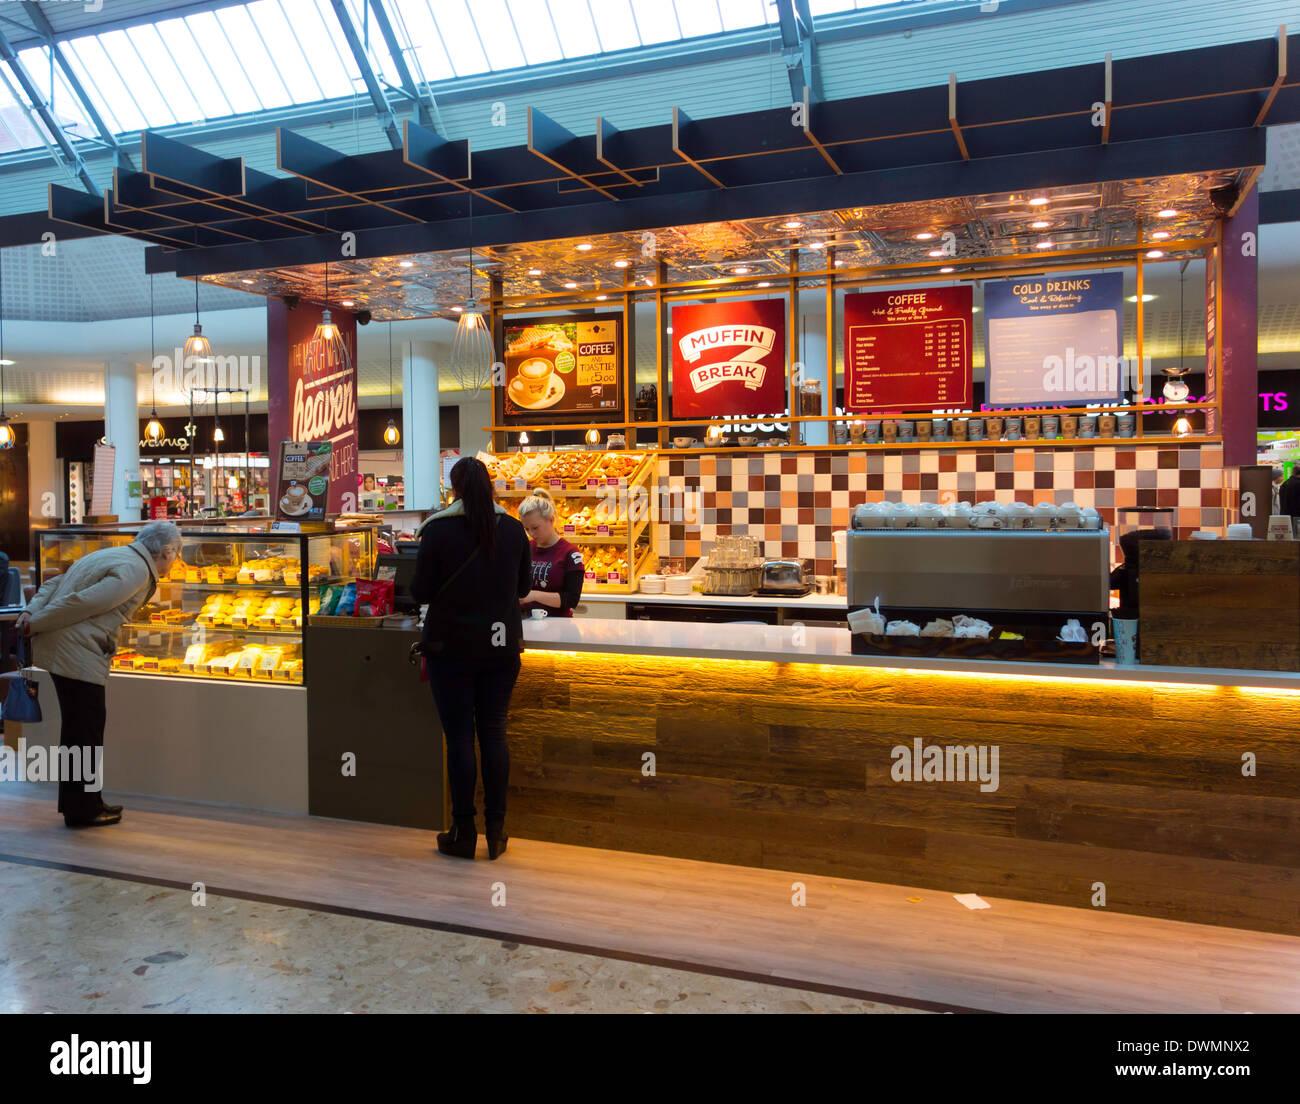 Muffin zu brechen, ein neues Café und Bar mit Speisen in einer Einkaufspassage in Middlesbrough UK Stockbild